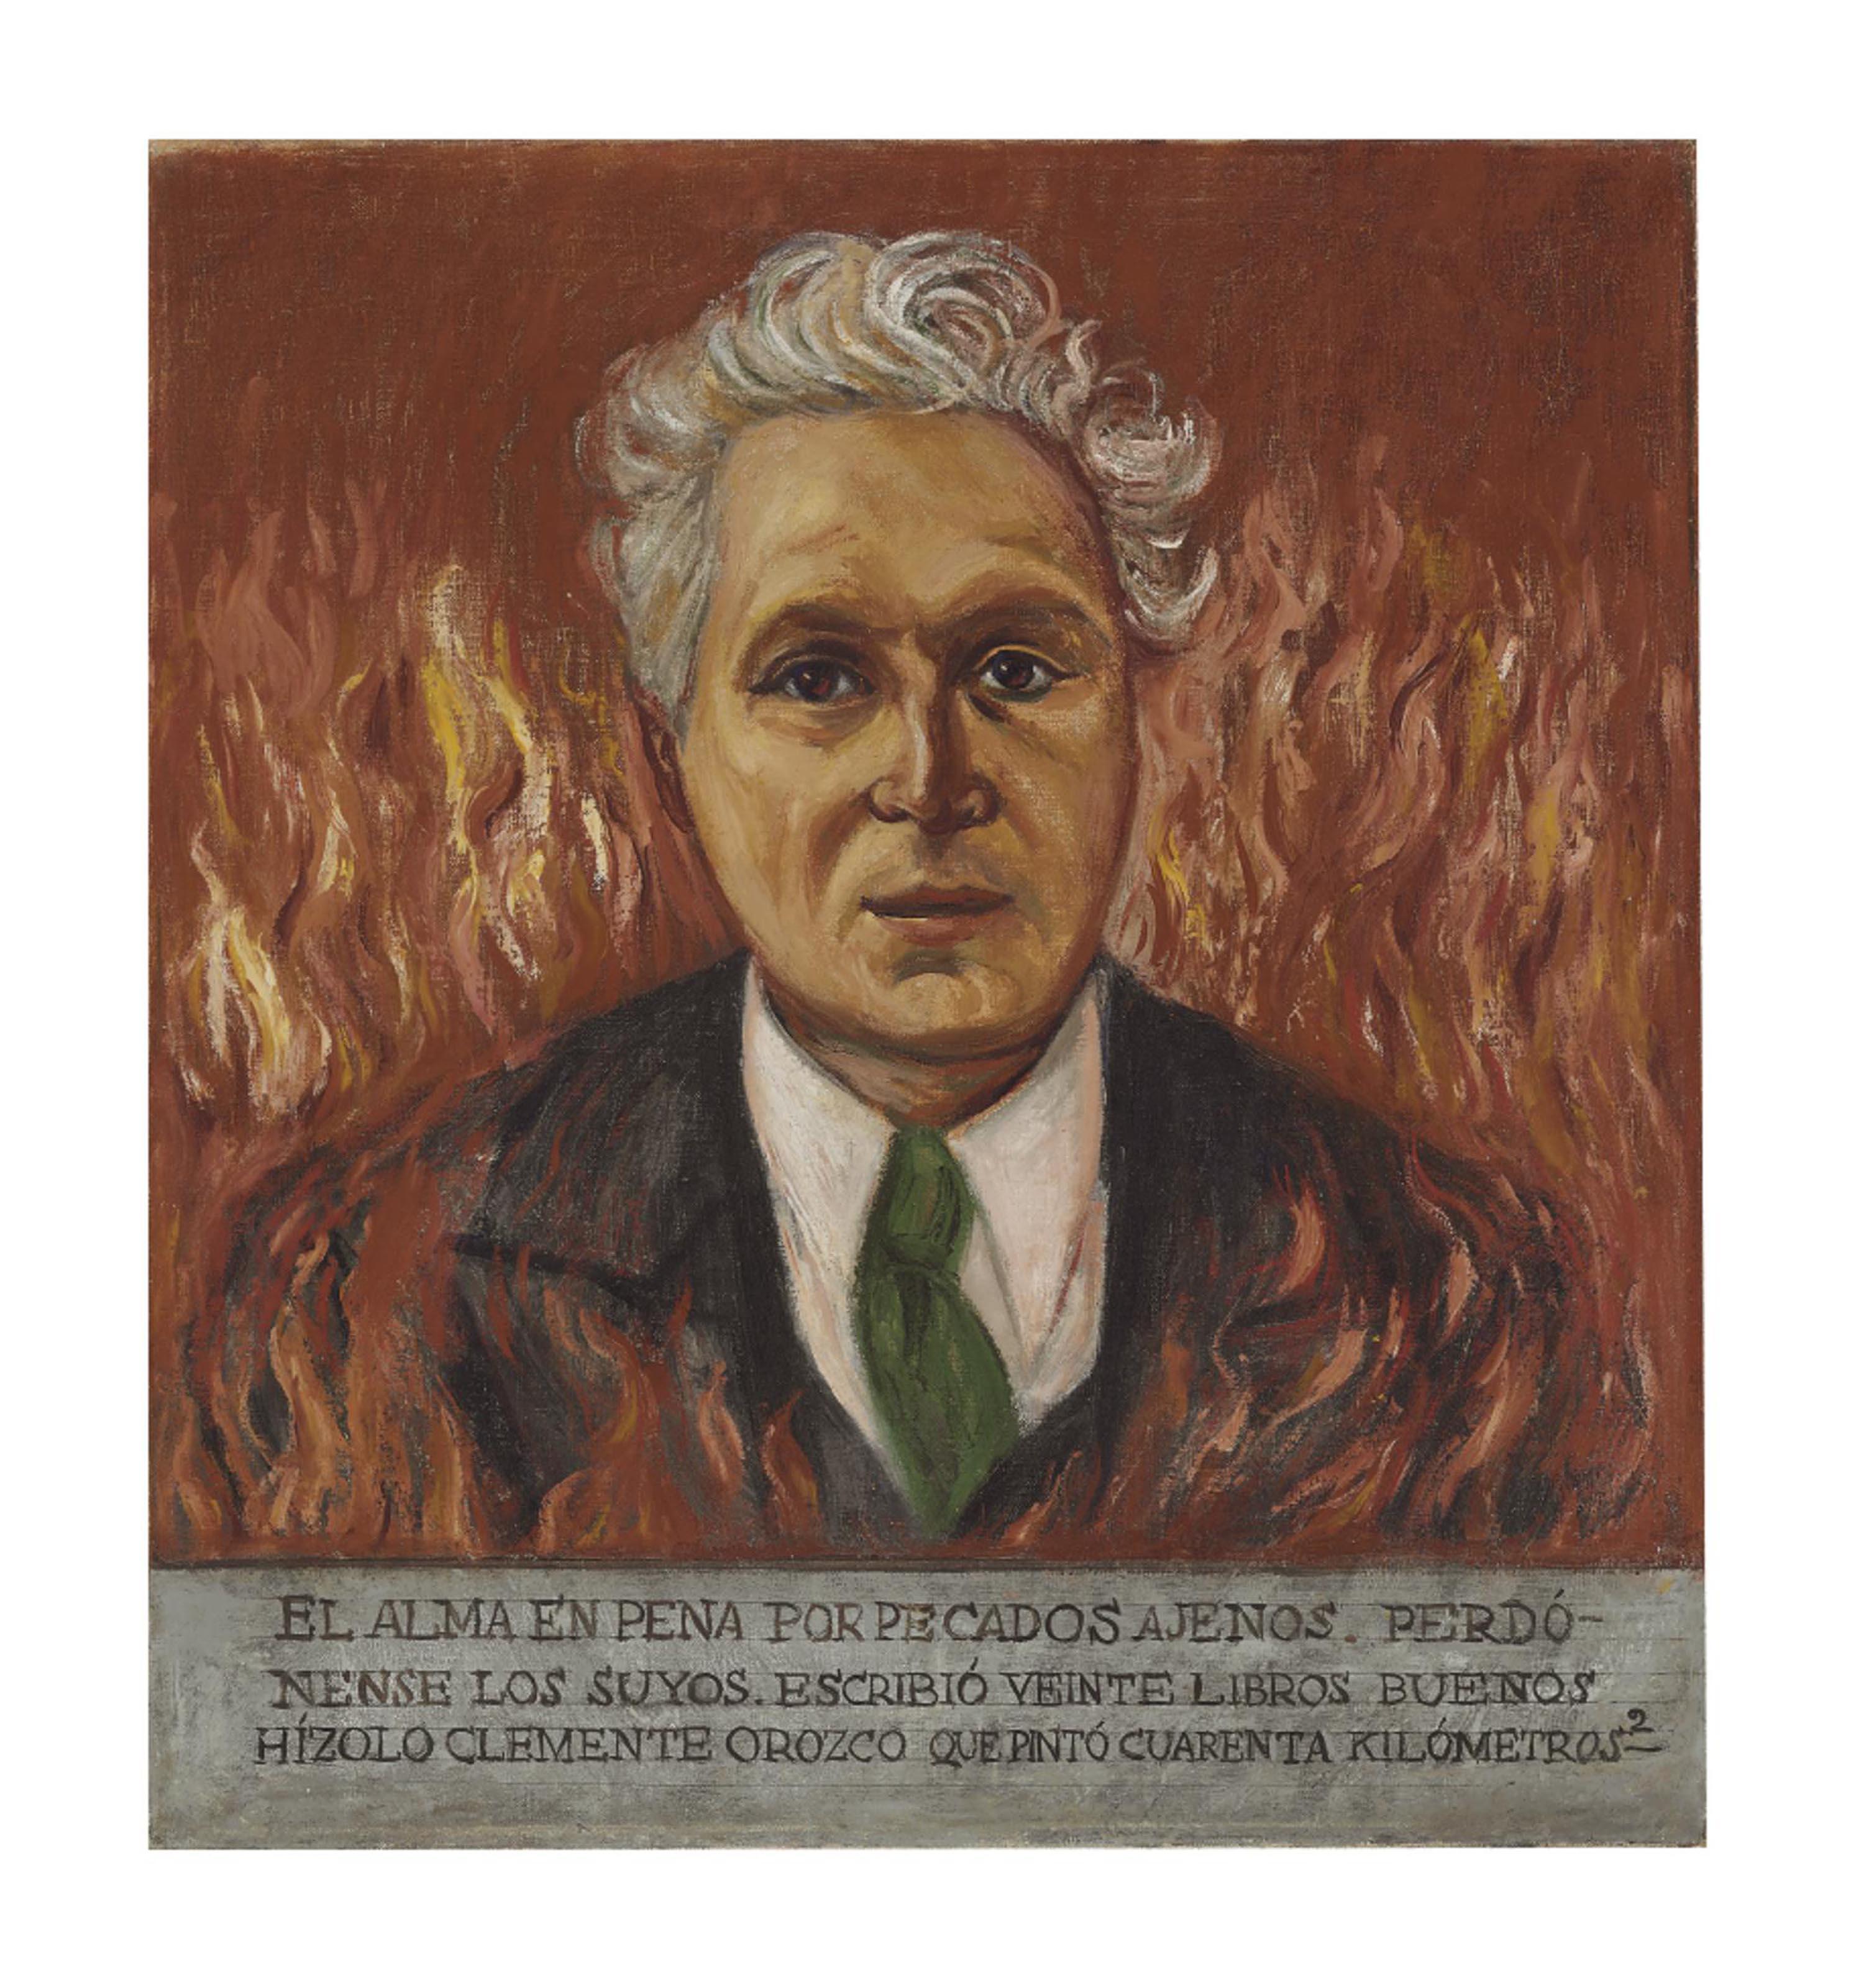 José Clemente Orozco (Mexican 1883-1949)